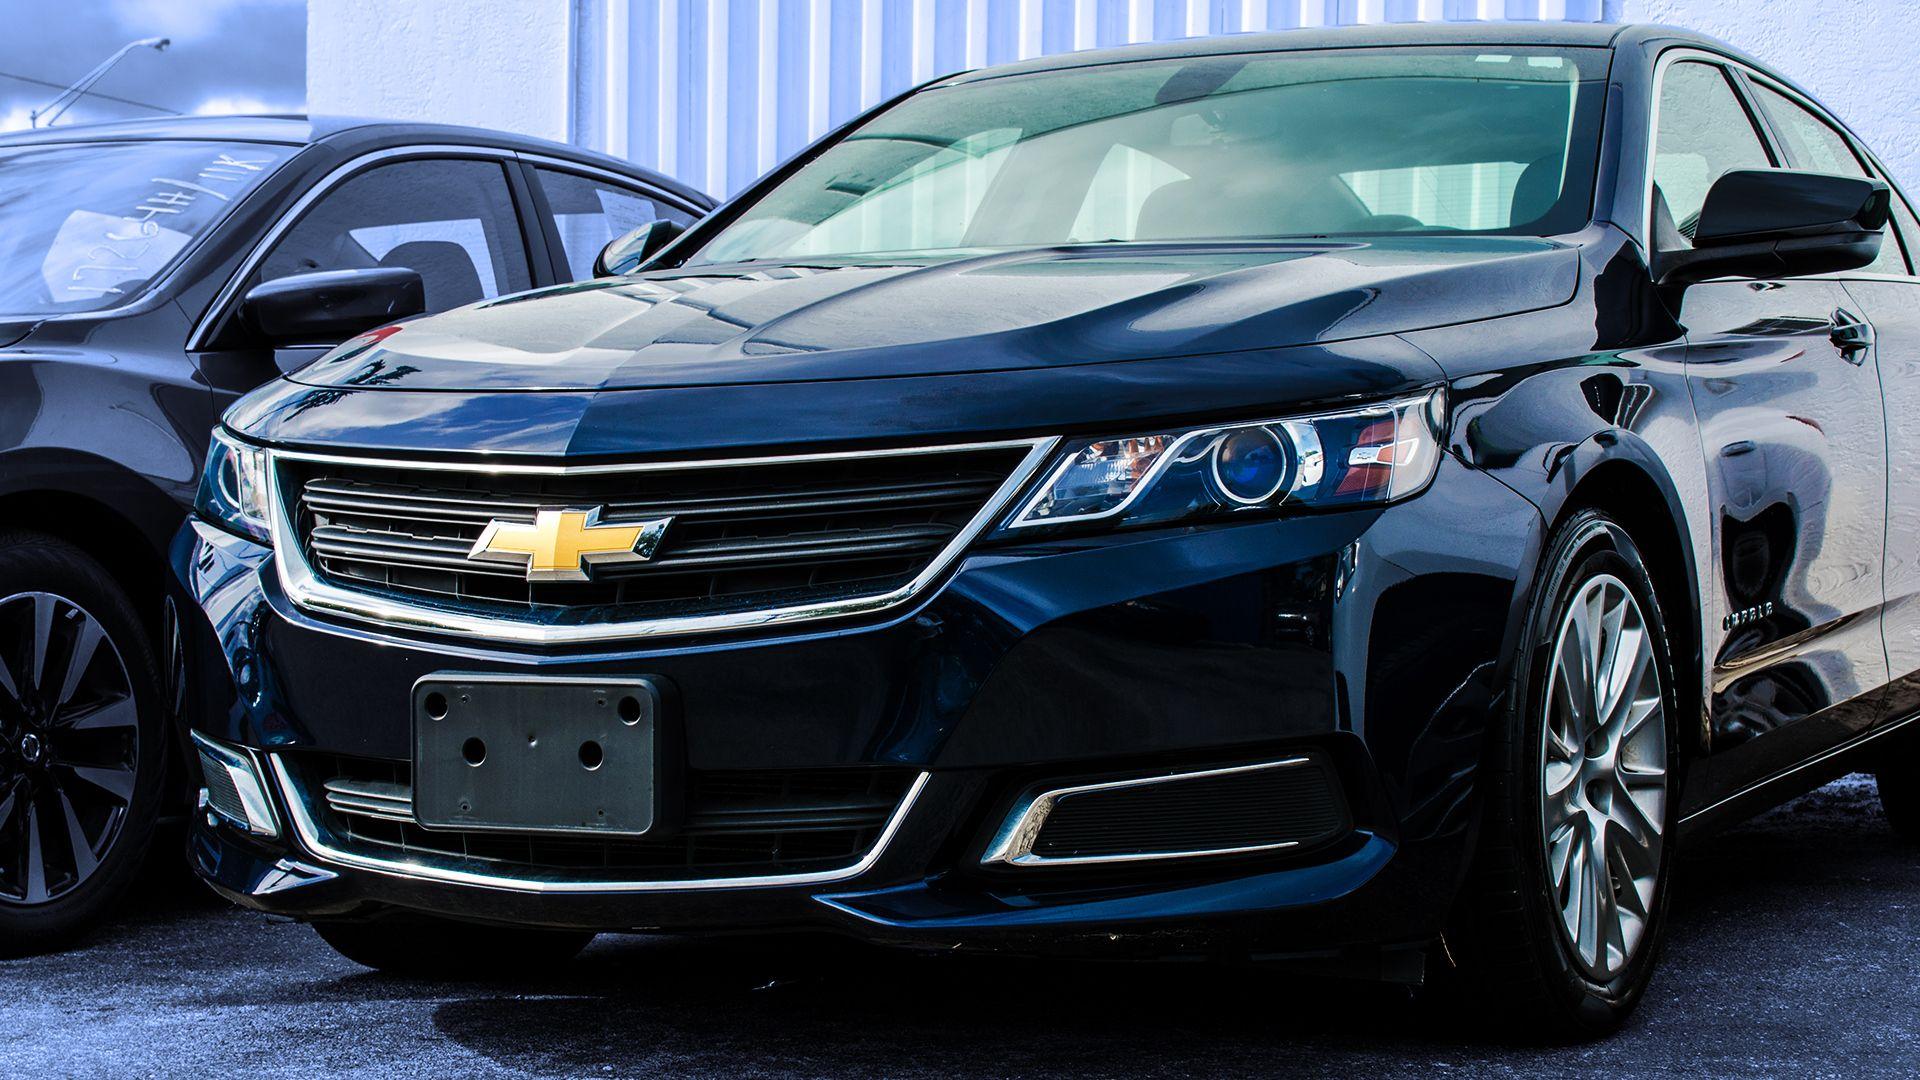 2017 Chevrolet Impala Lt Chevrolet Chevy Impala